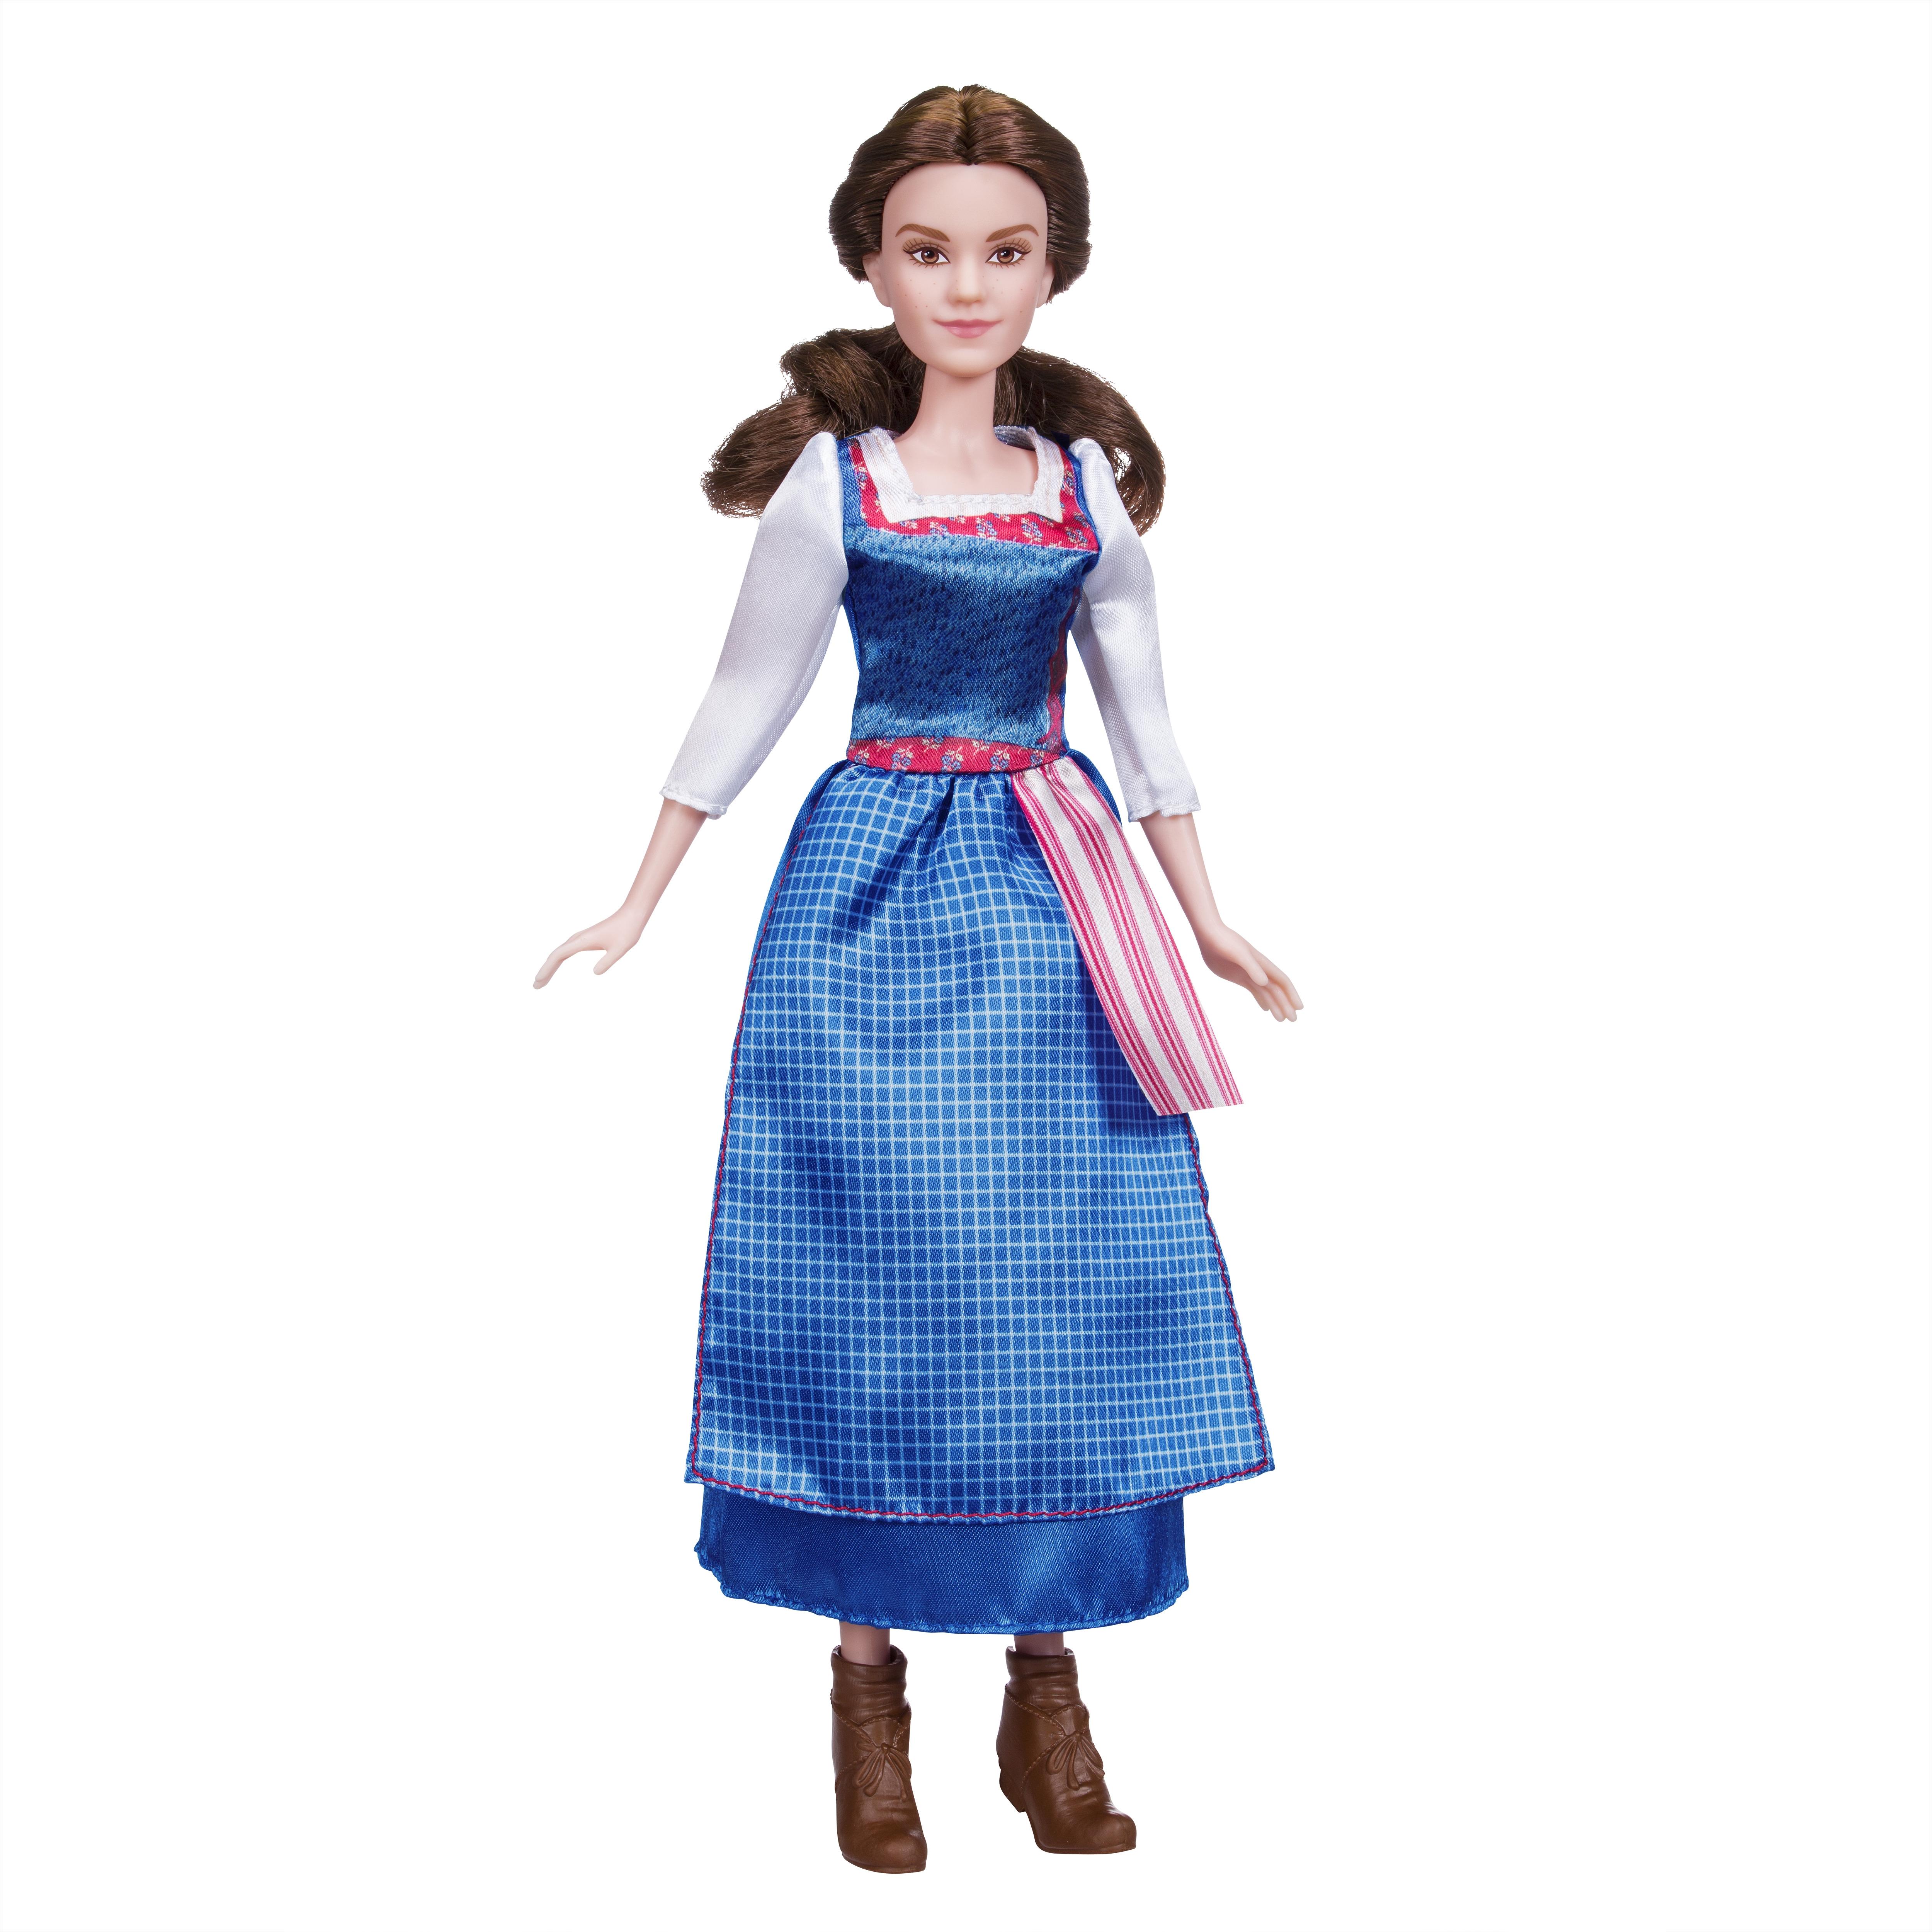 Купить Другие куклы, Бэлль в повседневном платье, Beauty & The Beast, Китай, Женский